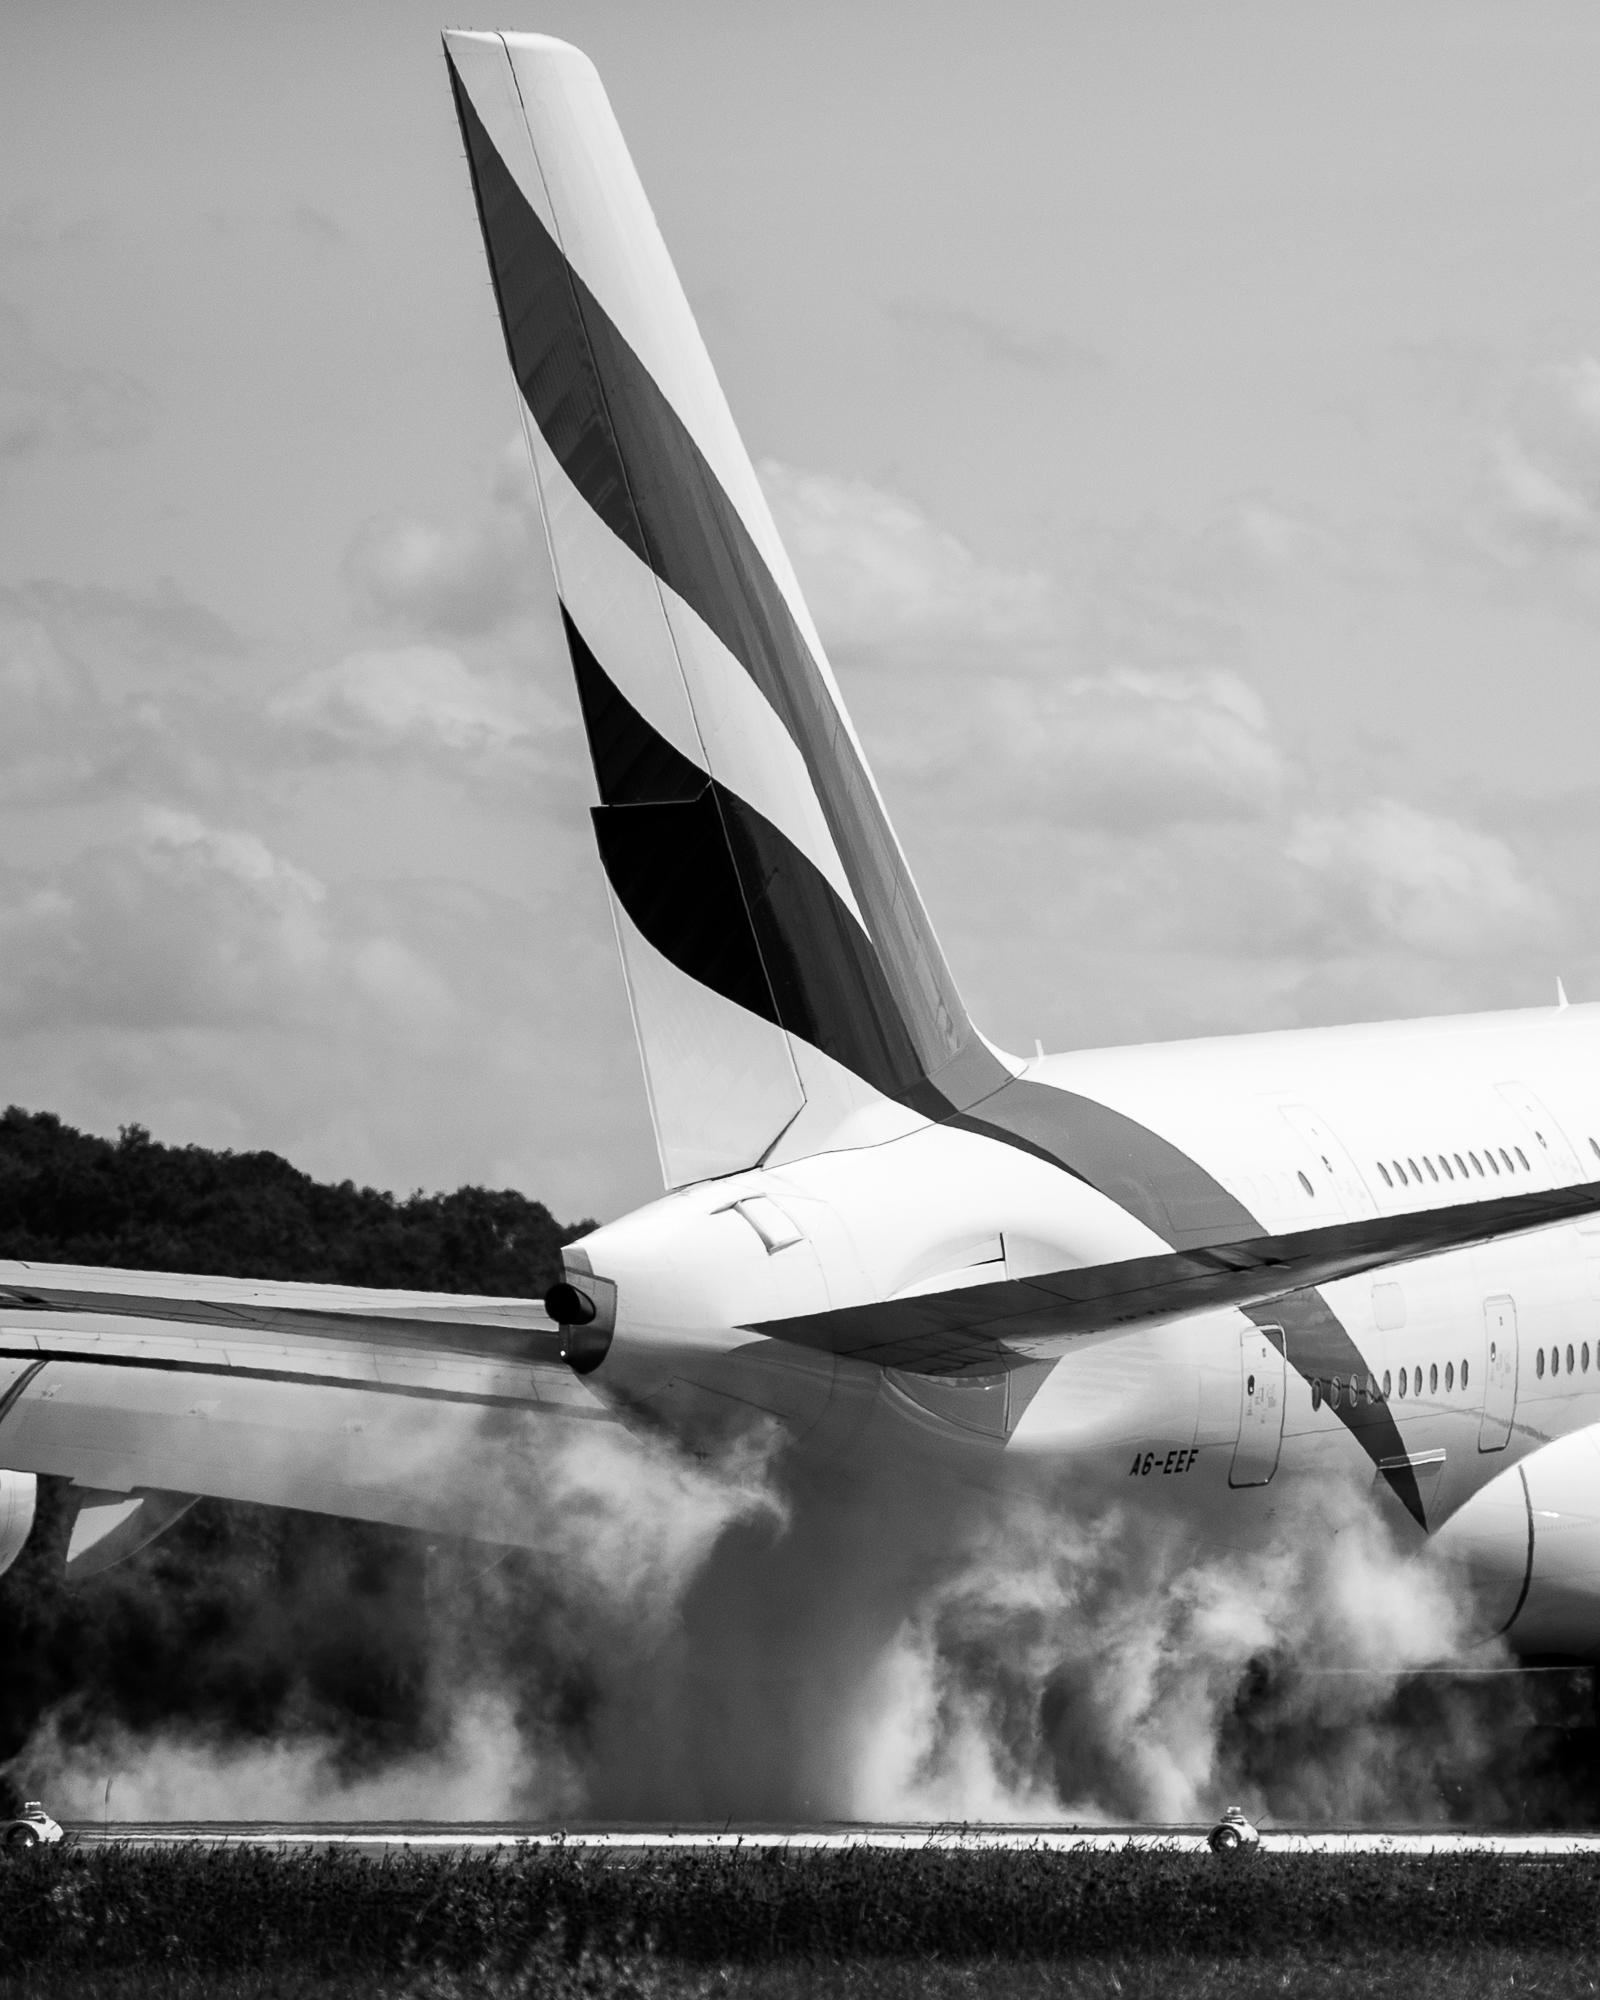 Fotografie und Aviatik pur – erlebe den Flughafen Zürich hautnah